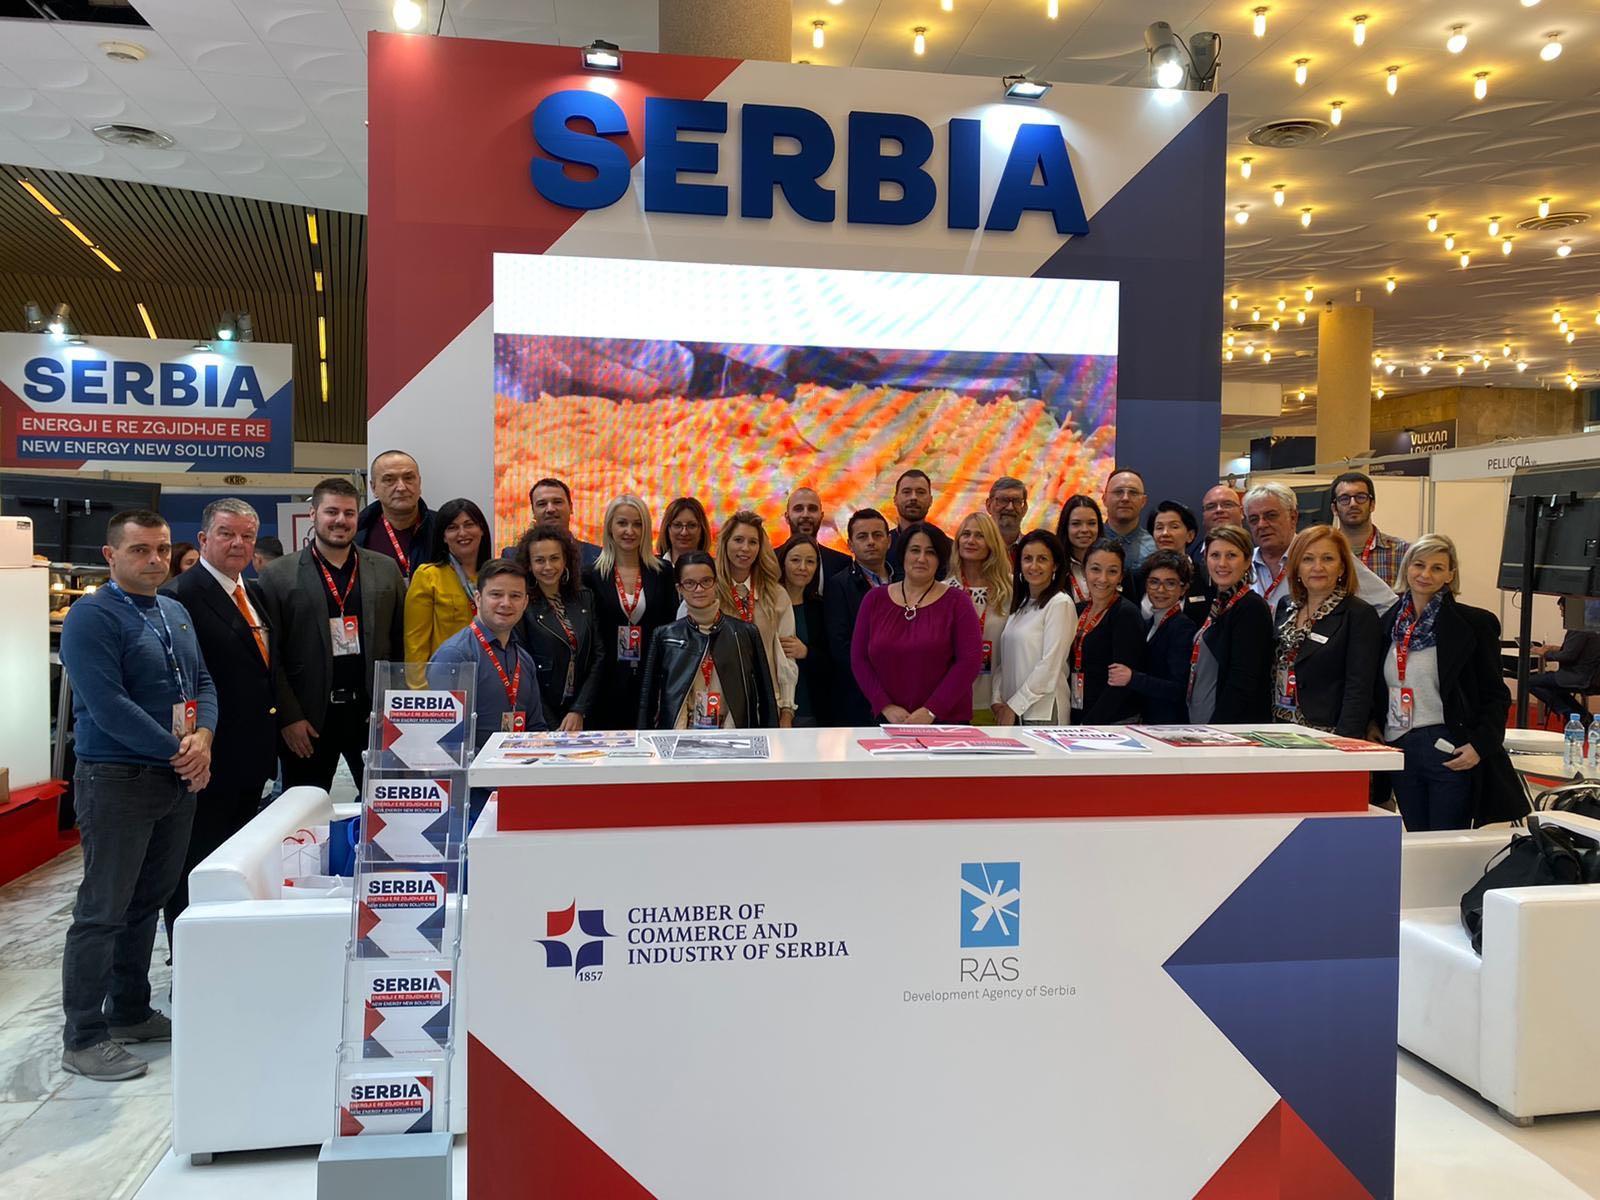 Tirana nacionalni standa Srbije 2019.jpg